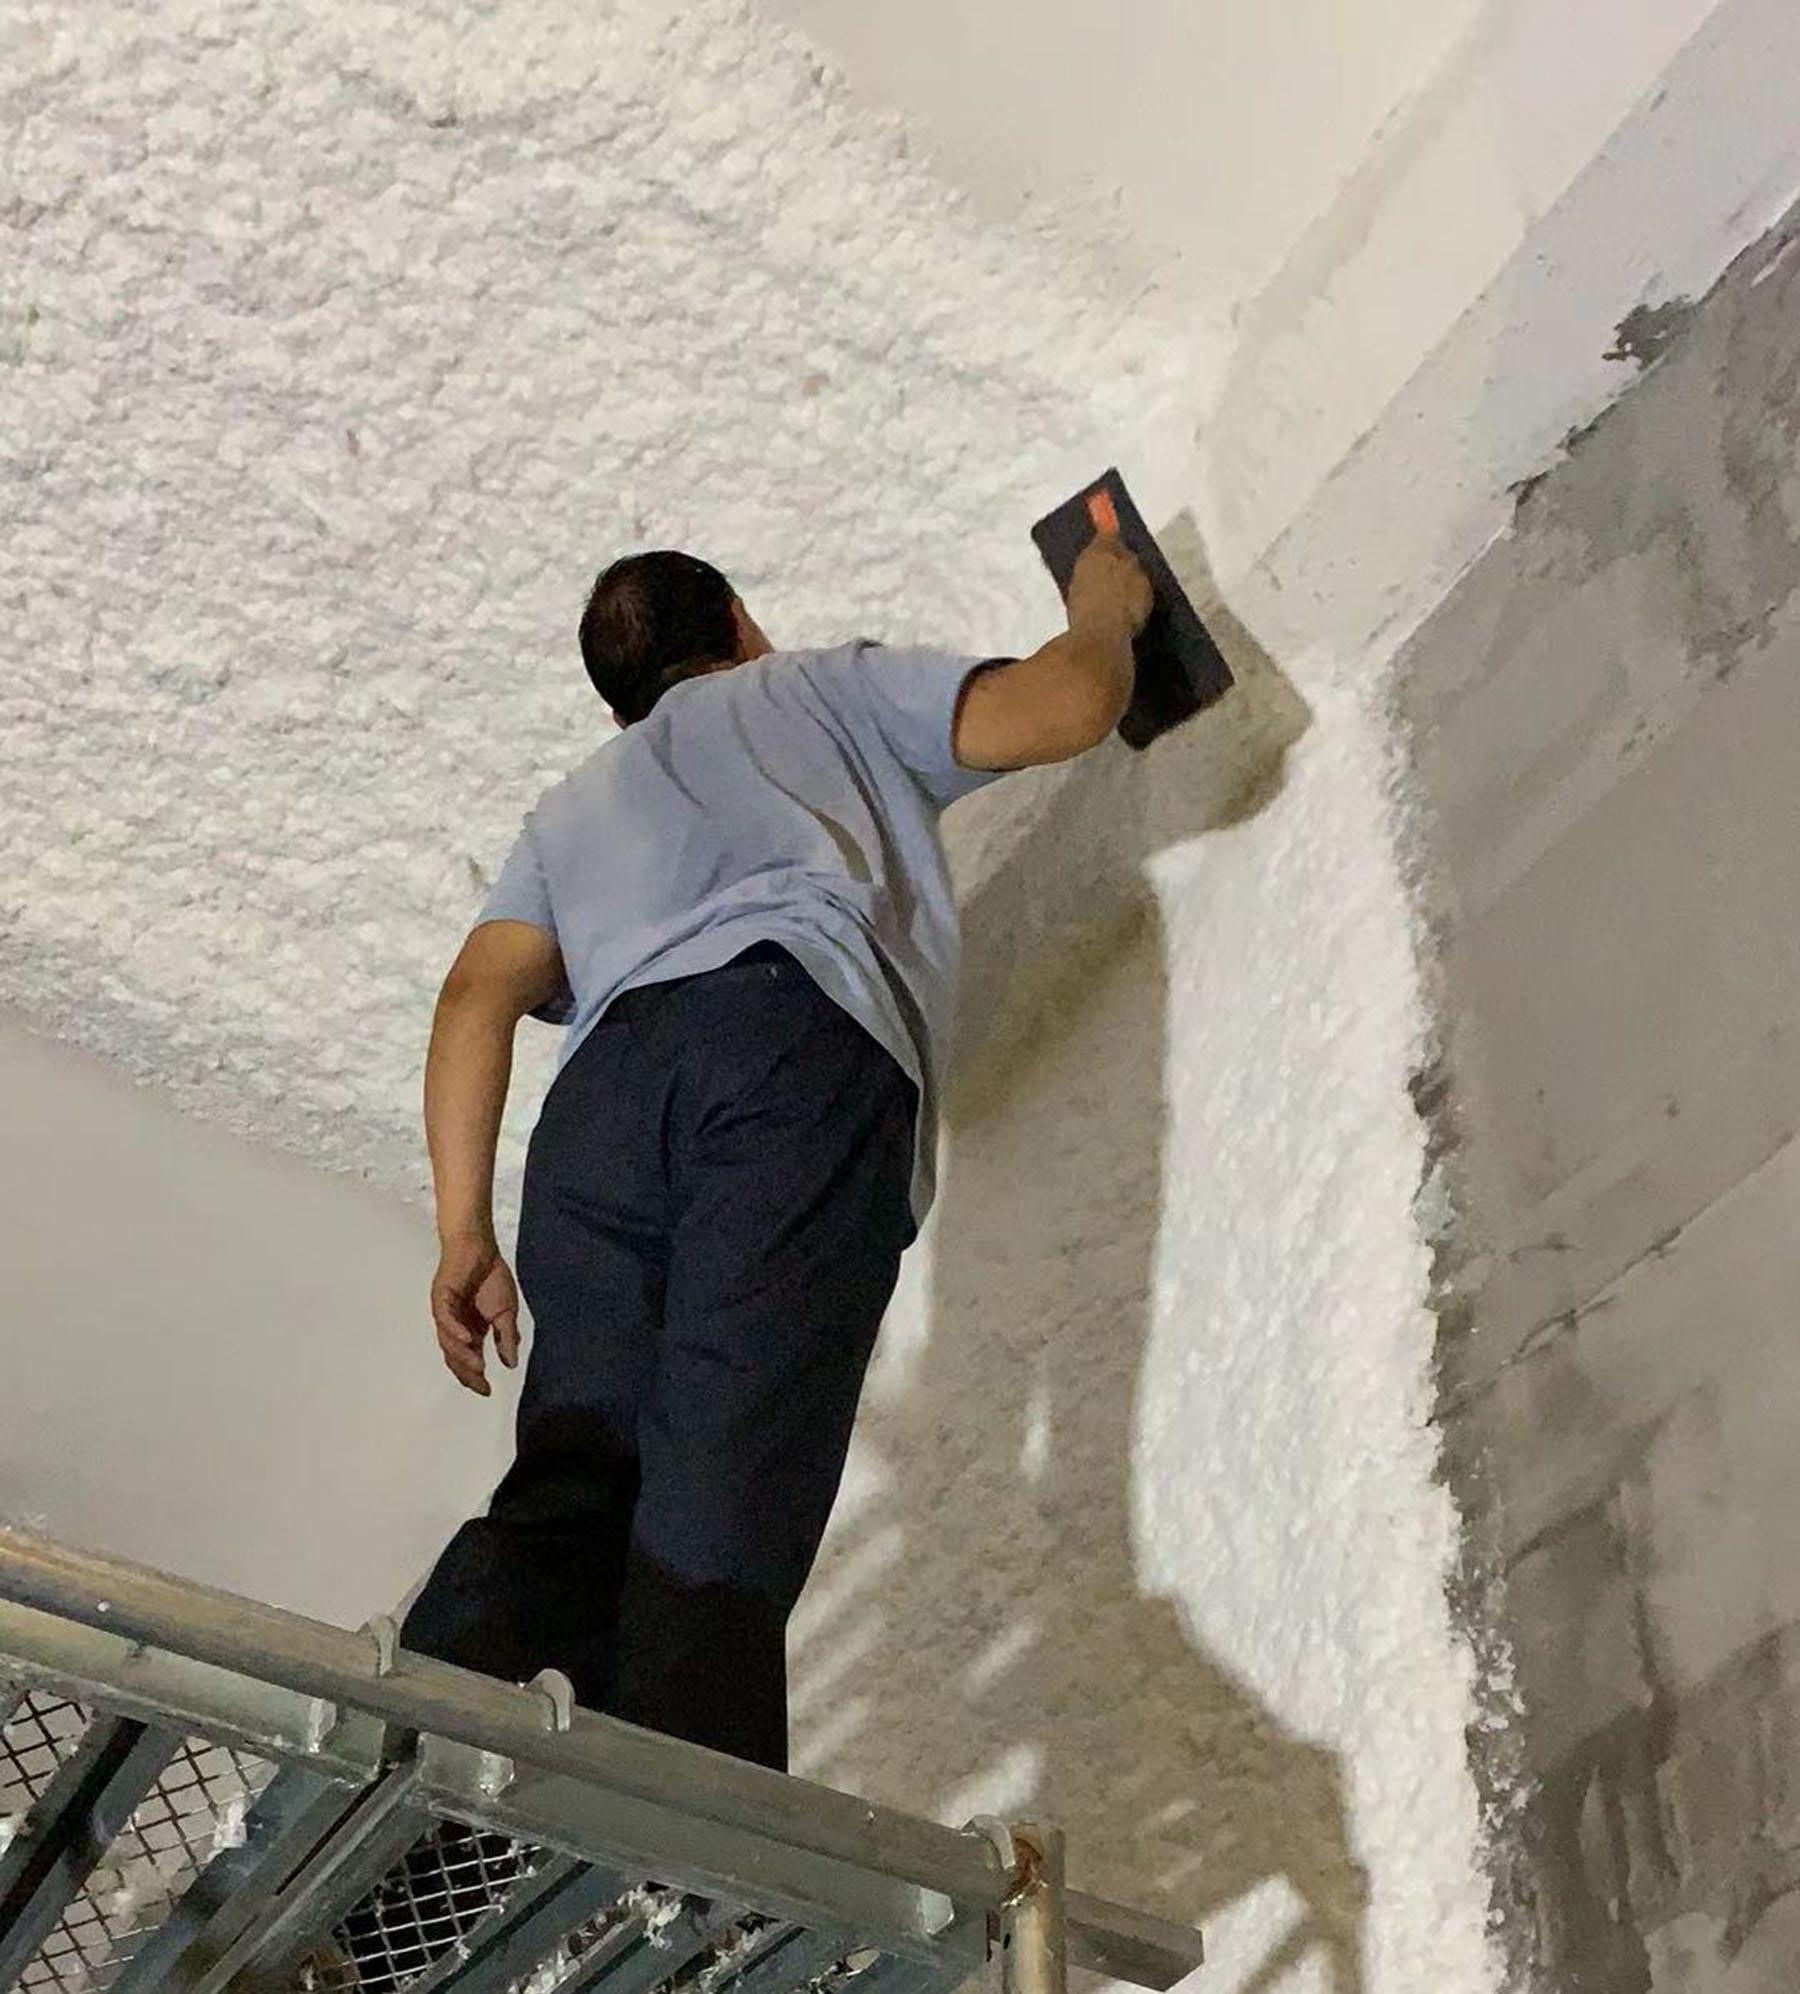 福州融侨江南水都5C项目设备房天棚墙面降噪工程